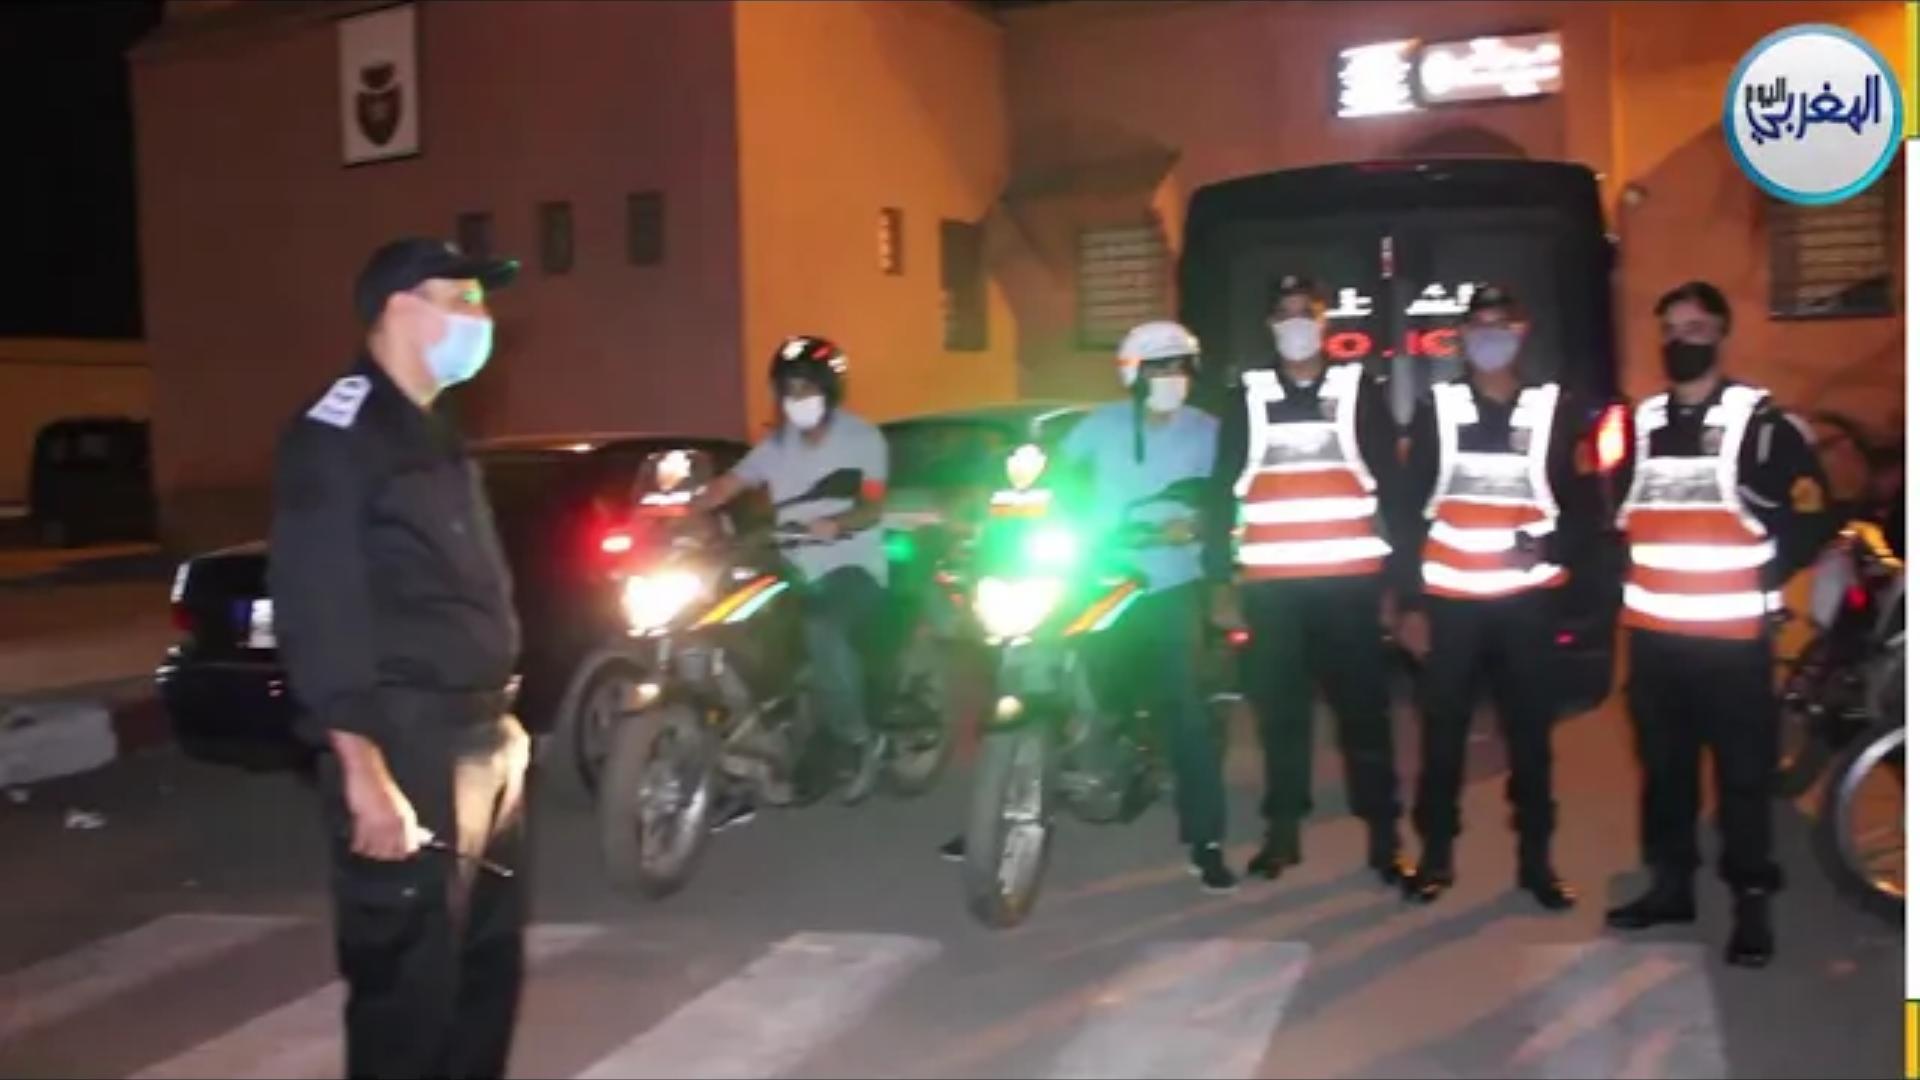 بالفيديو… الأمن الوطني يواصل التحرك… حملات ليلية ناجعة بمراكش لتحقيق الطمأنينة المنشودة